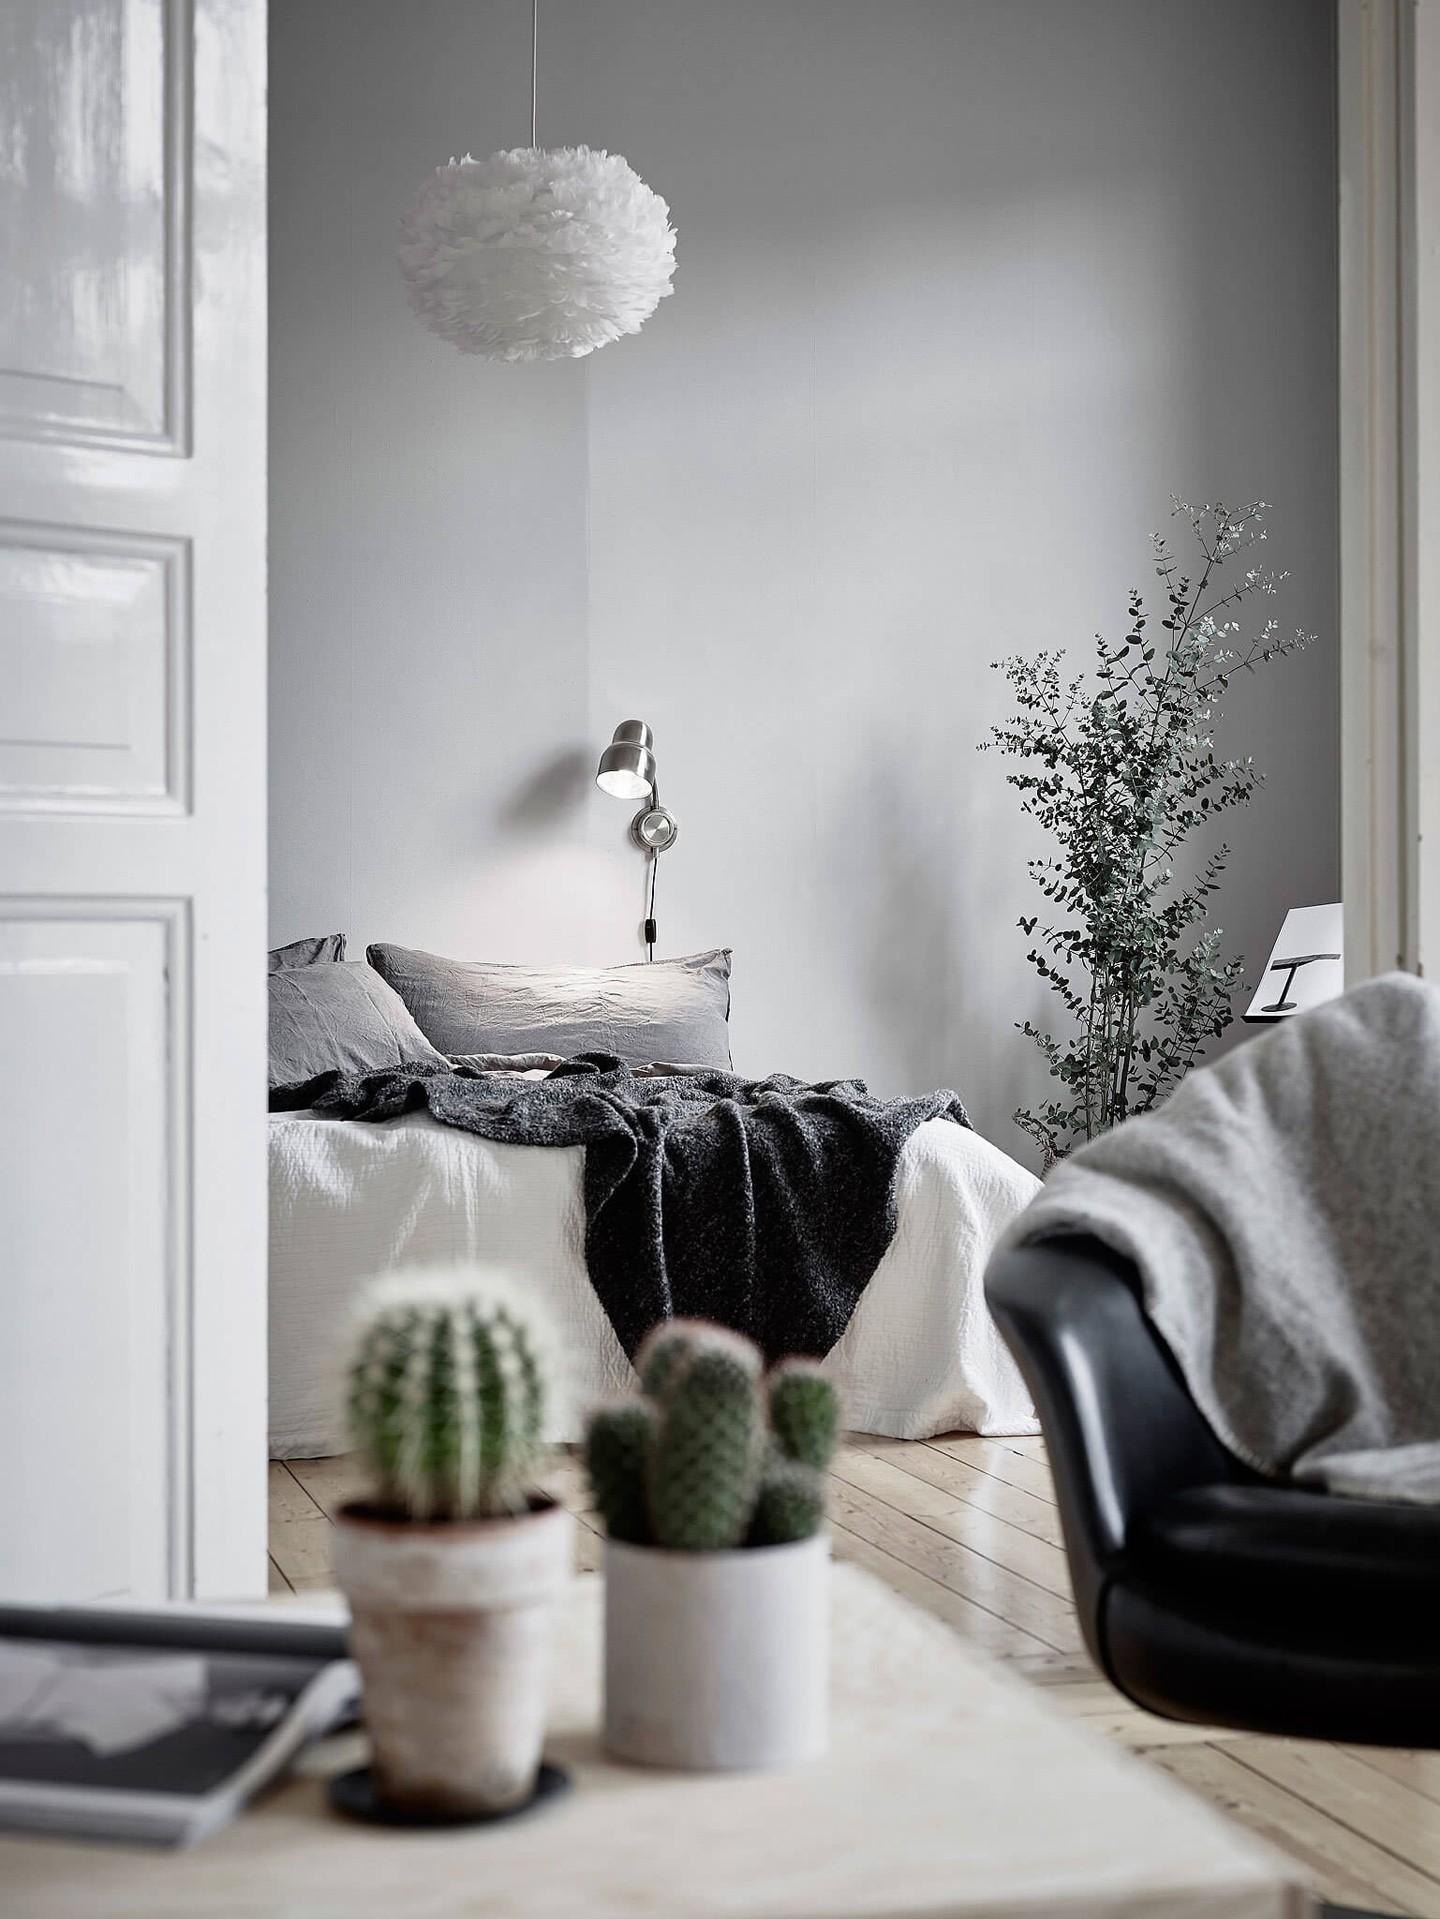 Décor do dia: tons de cinza no quarto de casal (Foto: Reprodução/Pinterest)